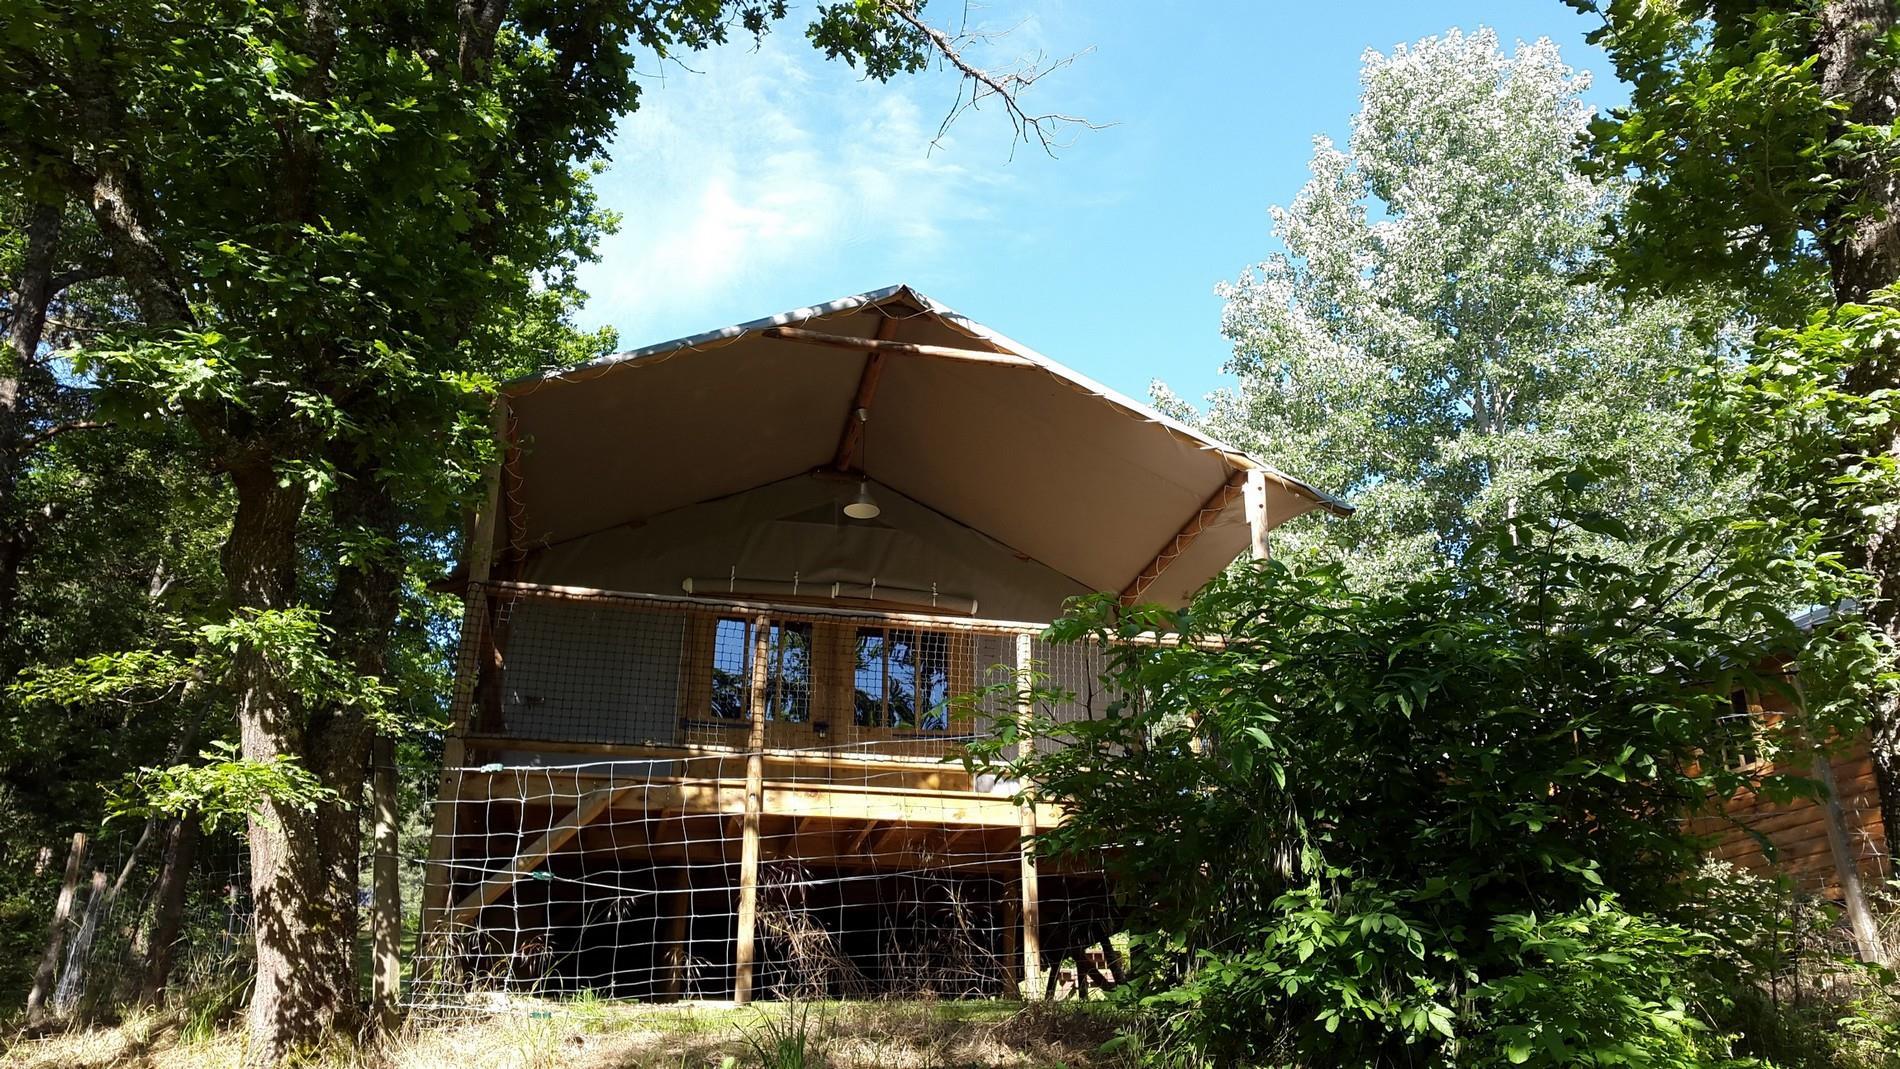 Cabane lodge 4 saisons Confort 25m² - 2 chambres + terrasse couverte 12m²